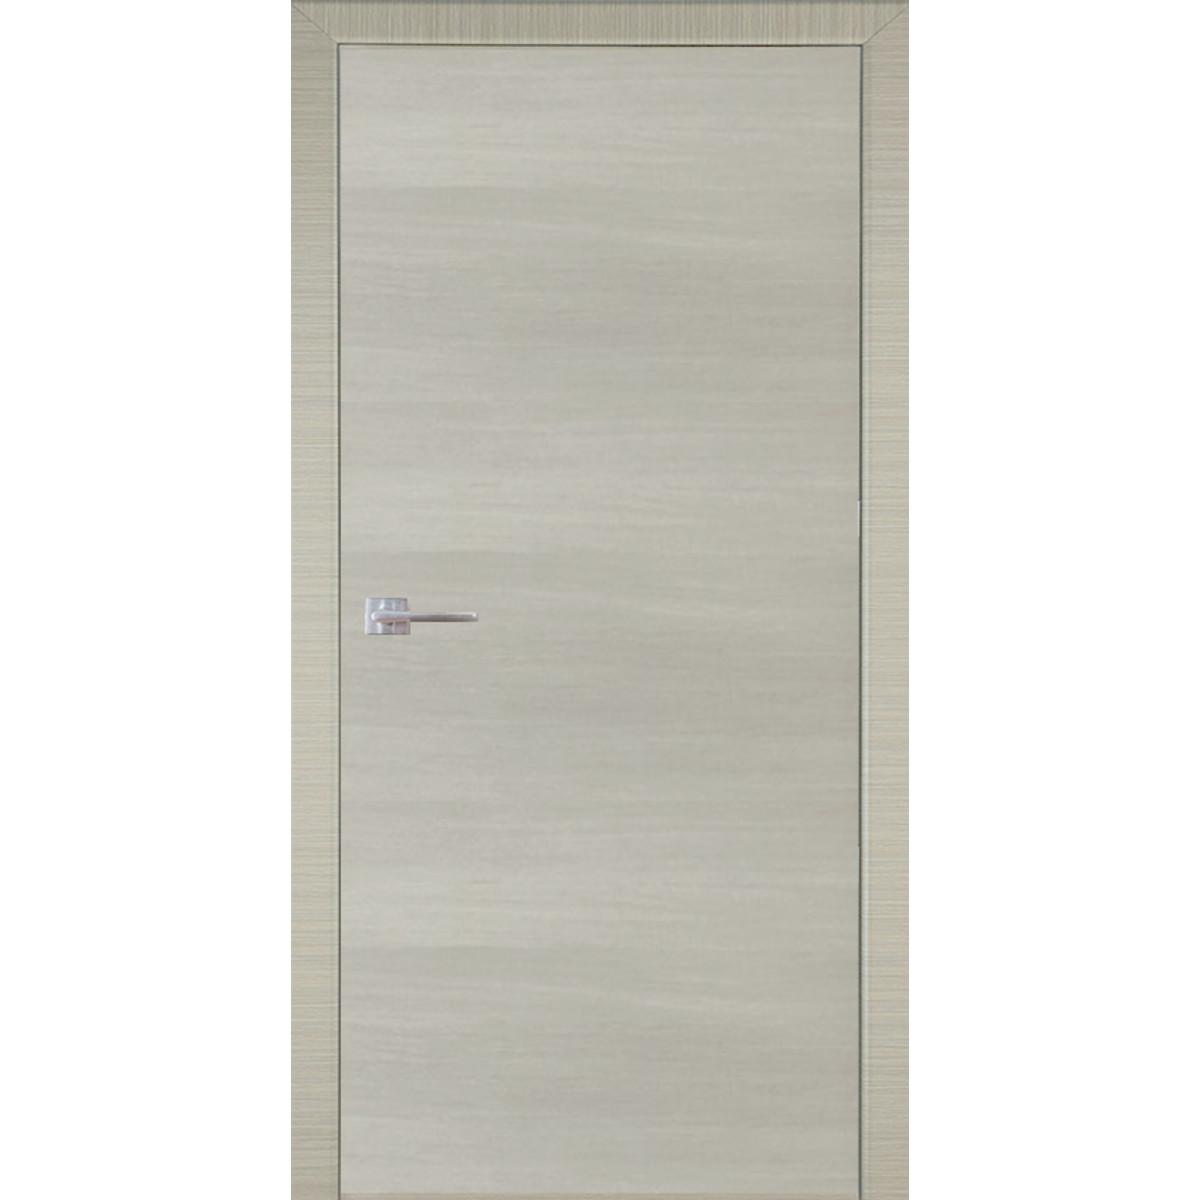 Дверь межкомнатная глухая 200х80 см ламинация цвет дуб дымчатый